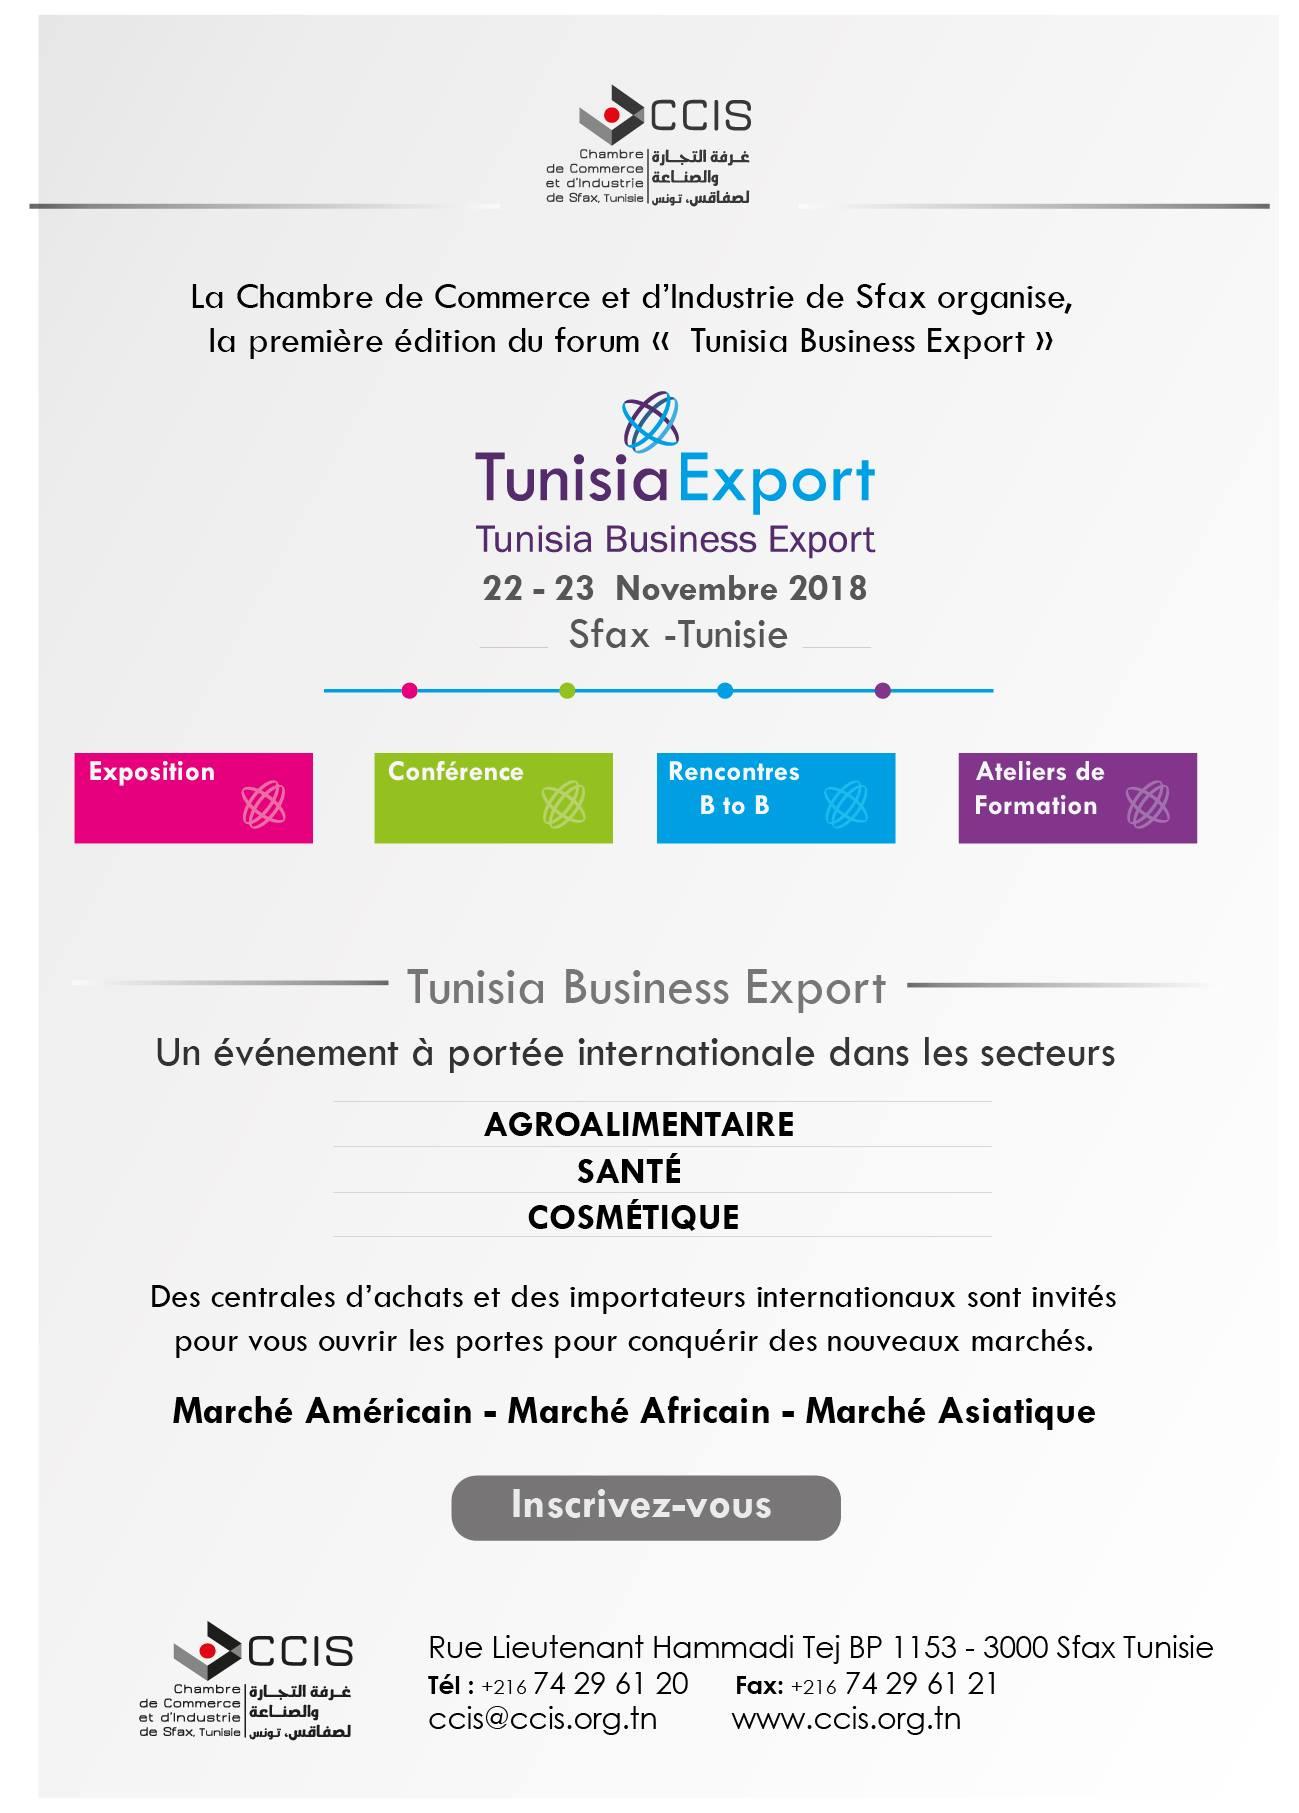 site rencontre asiatique forum femme divorc e cherche homme pour mariage tunisie